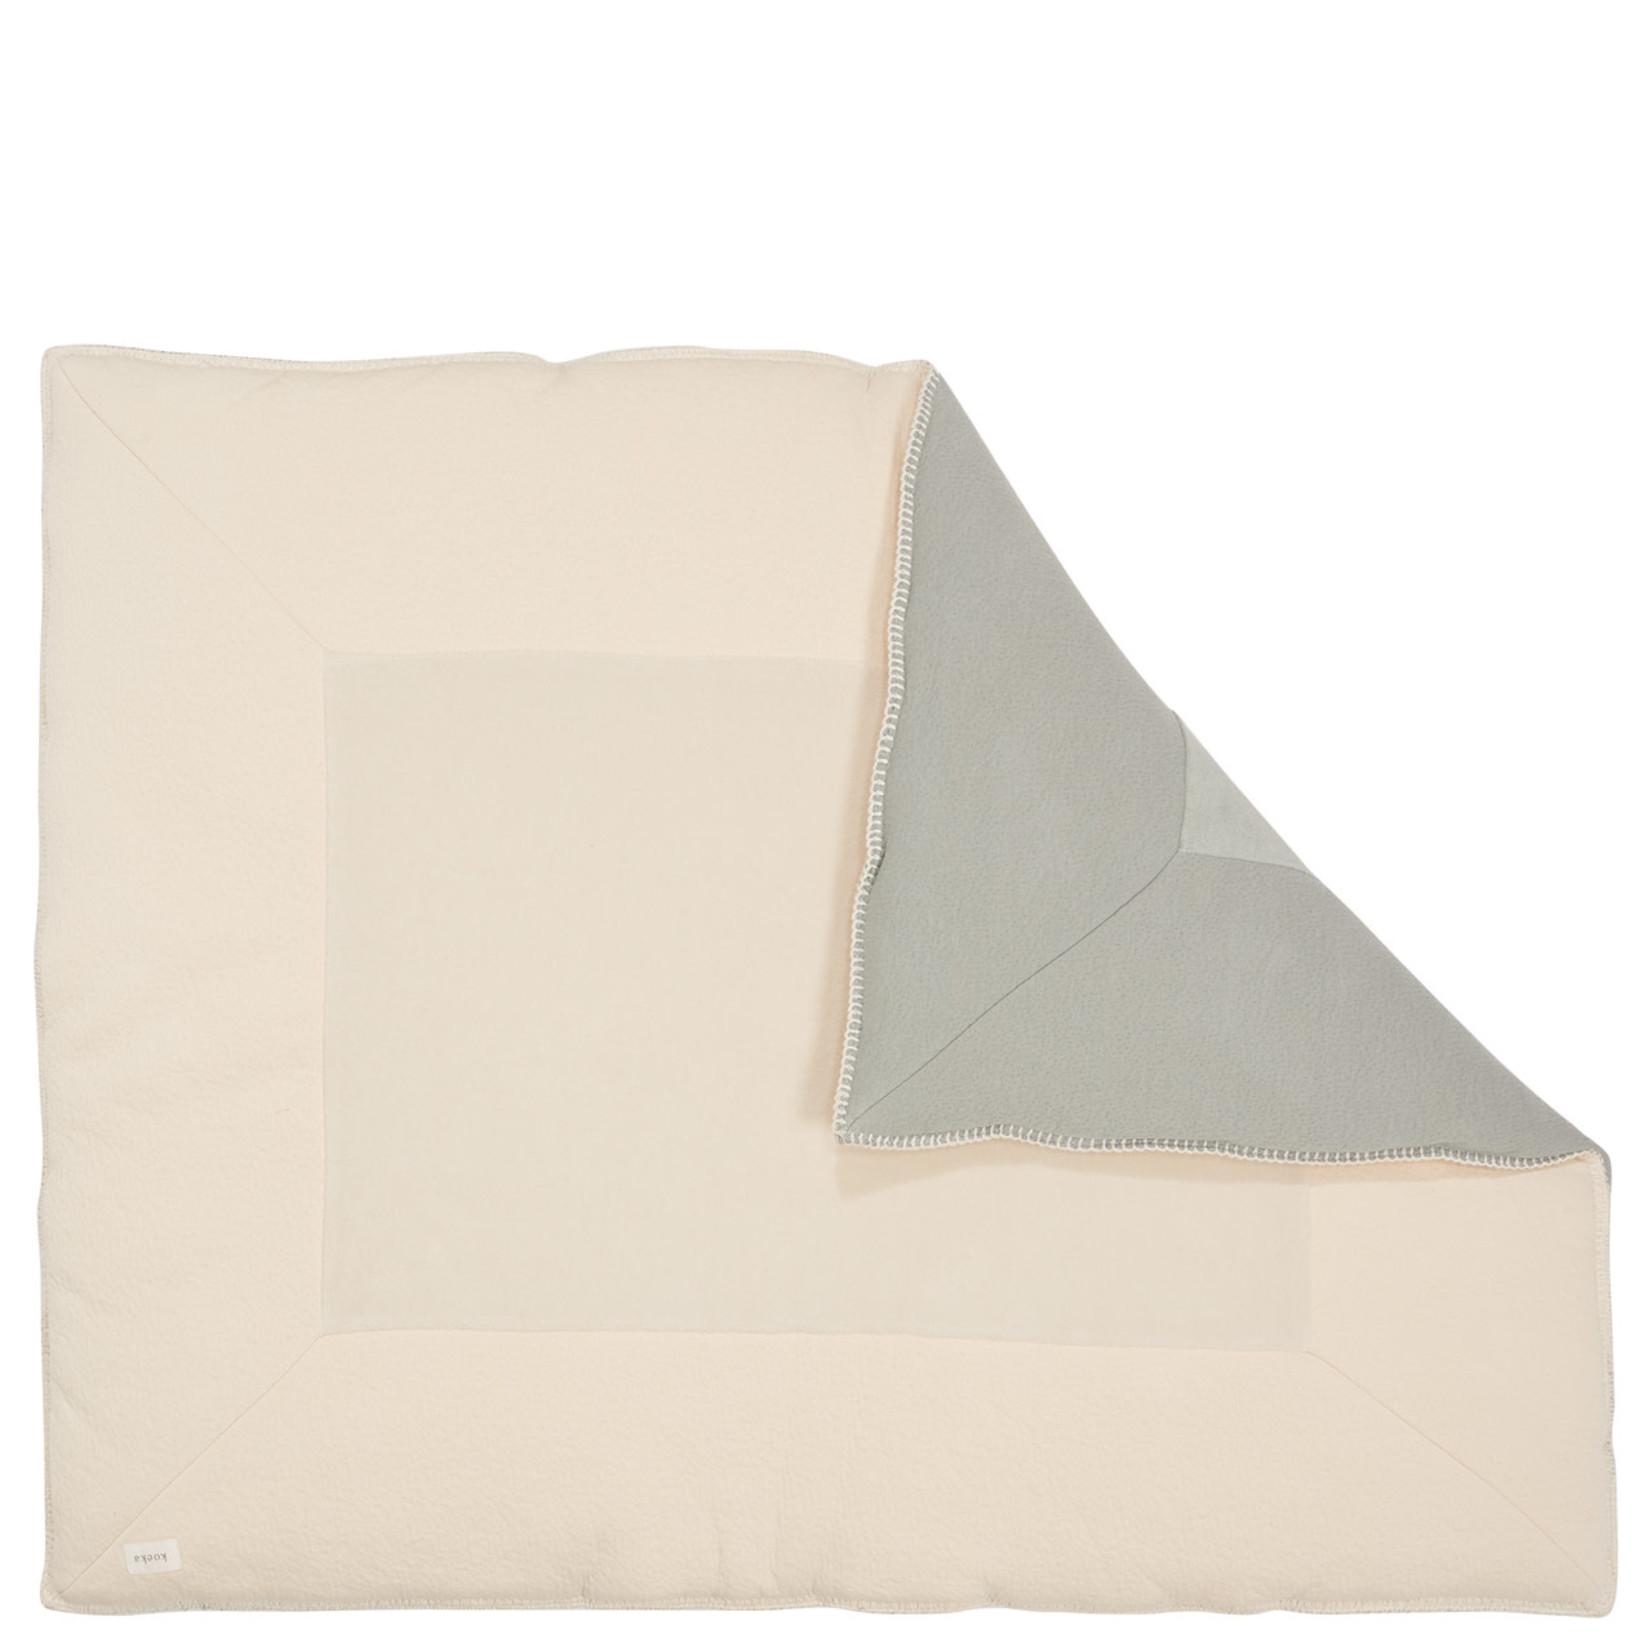 KOEKA Boxkleed Runa   Leaf/warm white